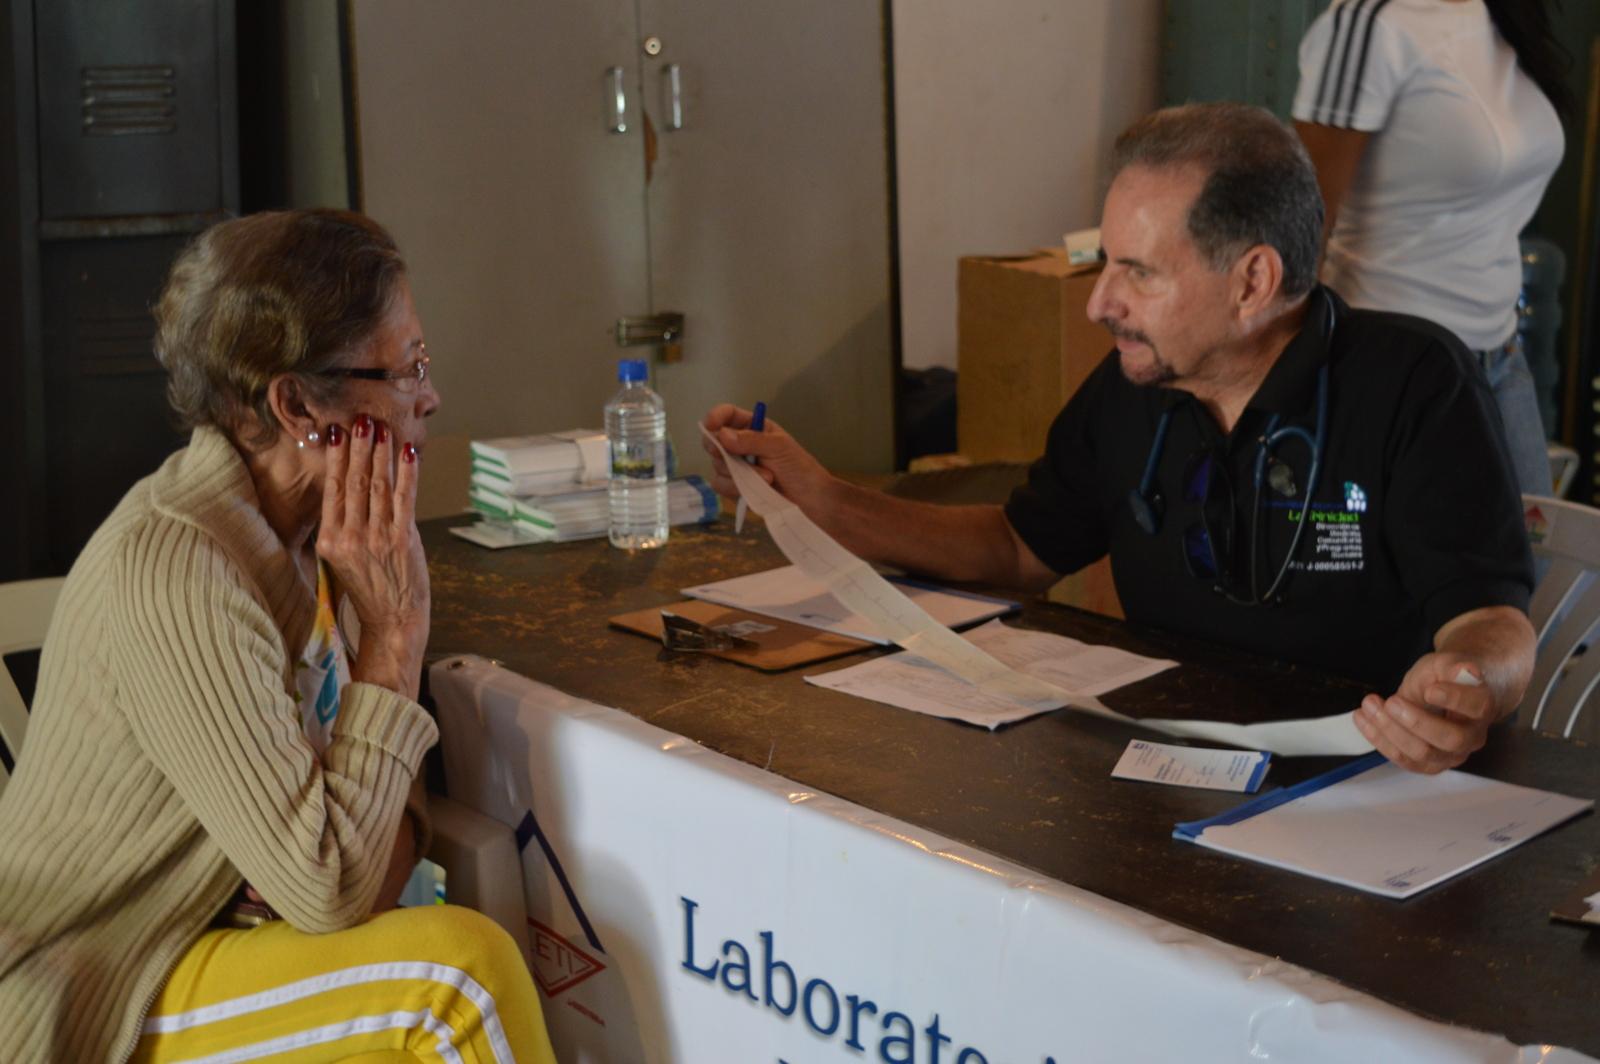 Jornada de atención médica en El Hatillo por el Día Mundial del Corazón – Dr. Roberto López Nouel, cardiólogo del CMDLT y director de Medicina Comunitaria y Programas Sociales